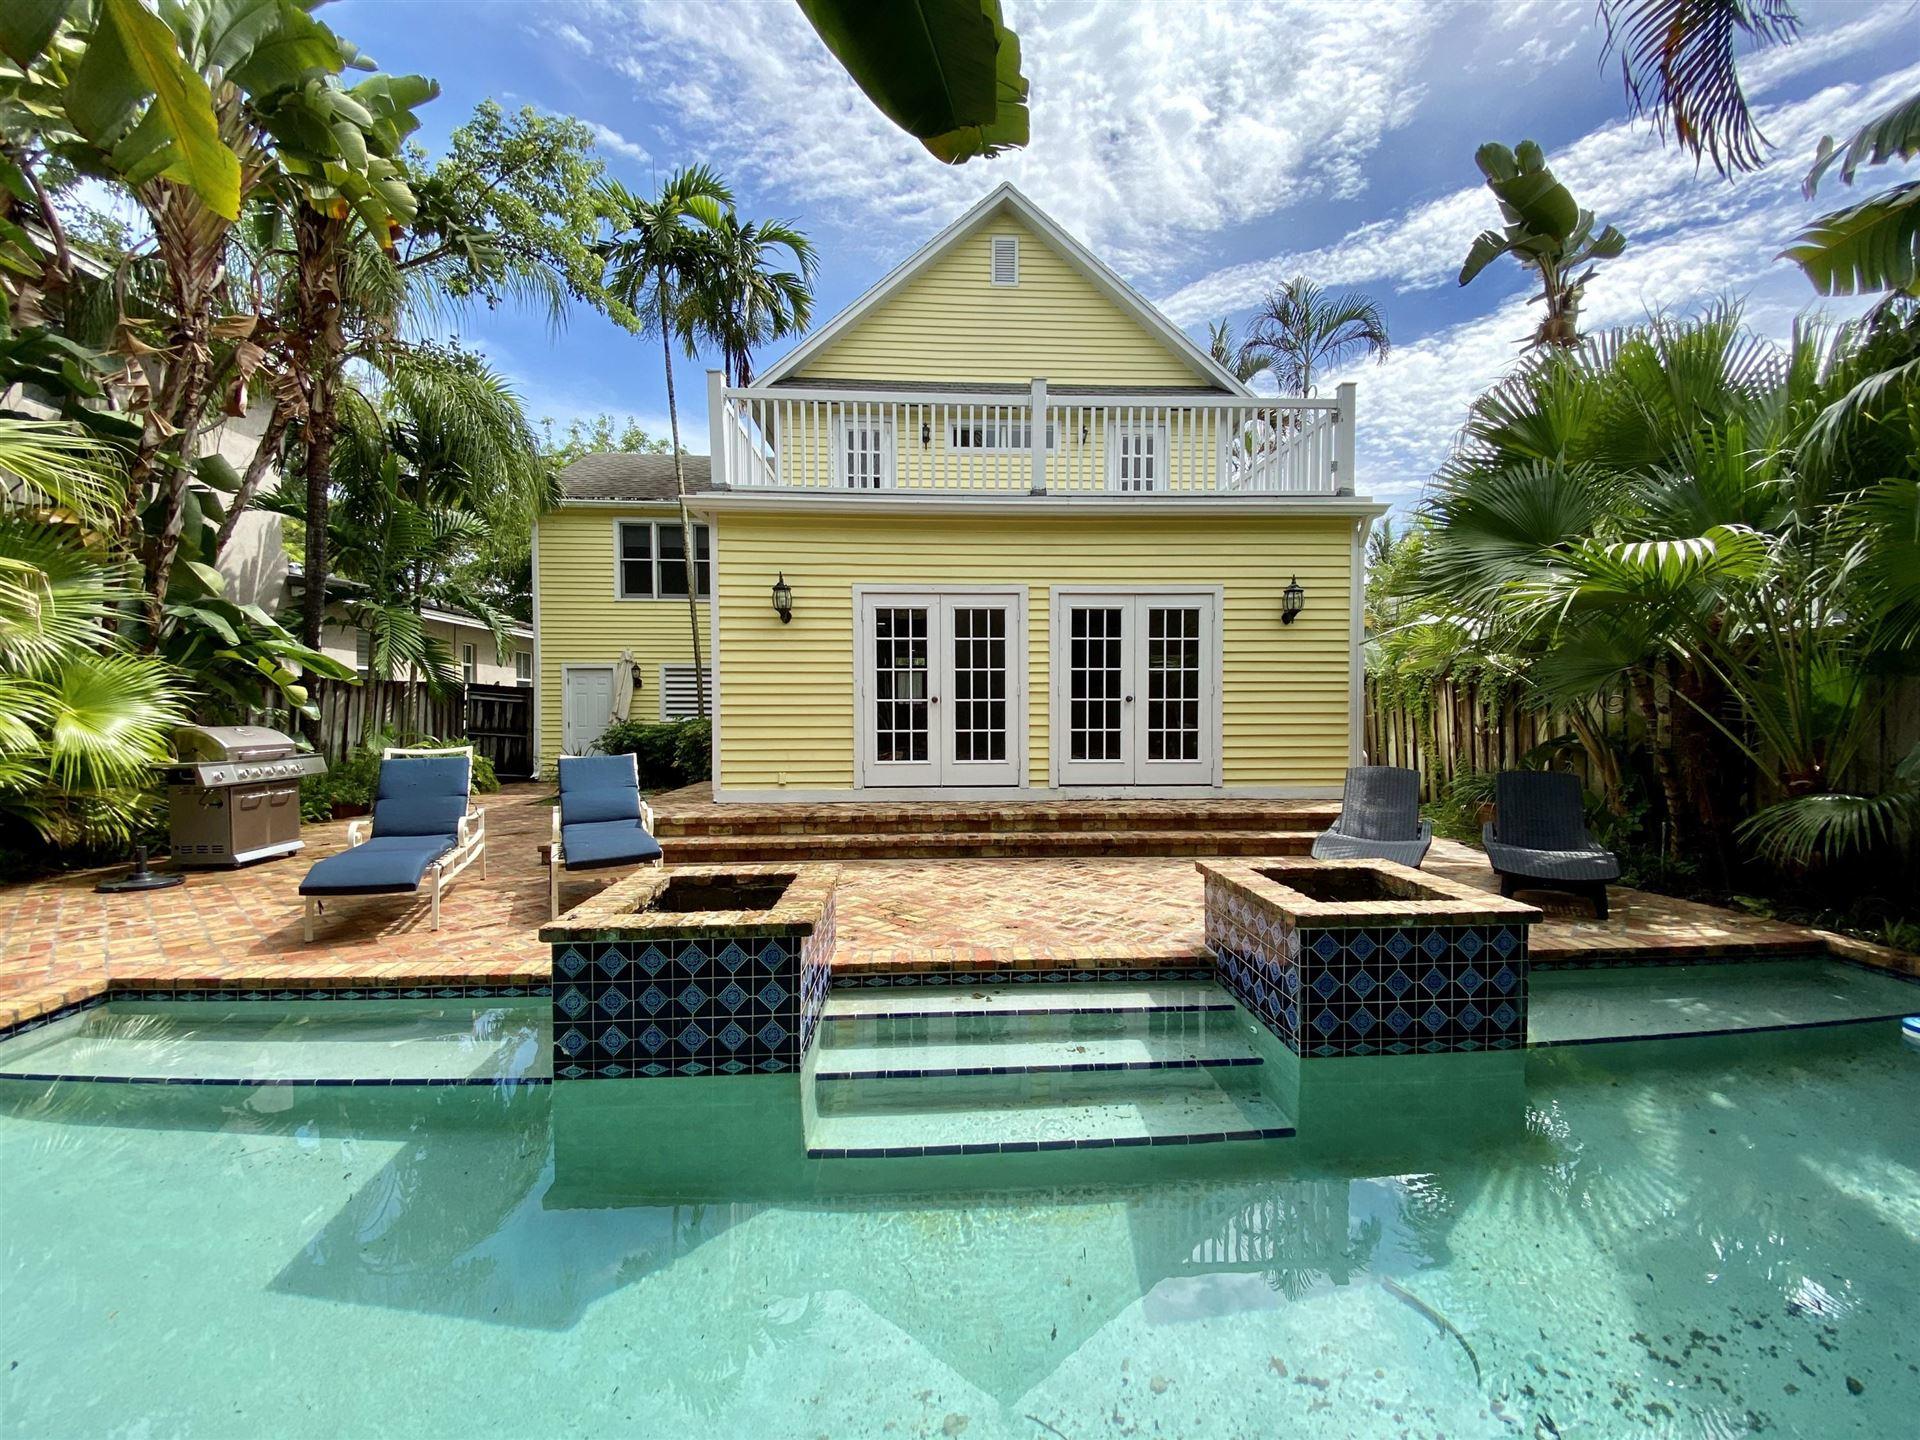 721 SE 5th Court, Fort Lauderdale, FL 33301 - #: RX-10653733